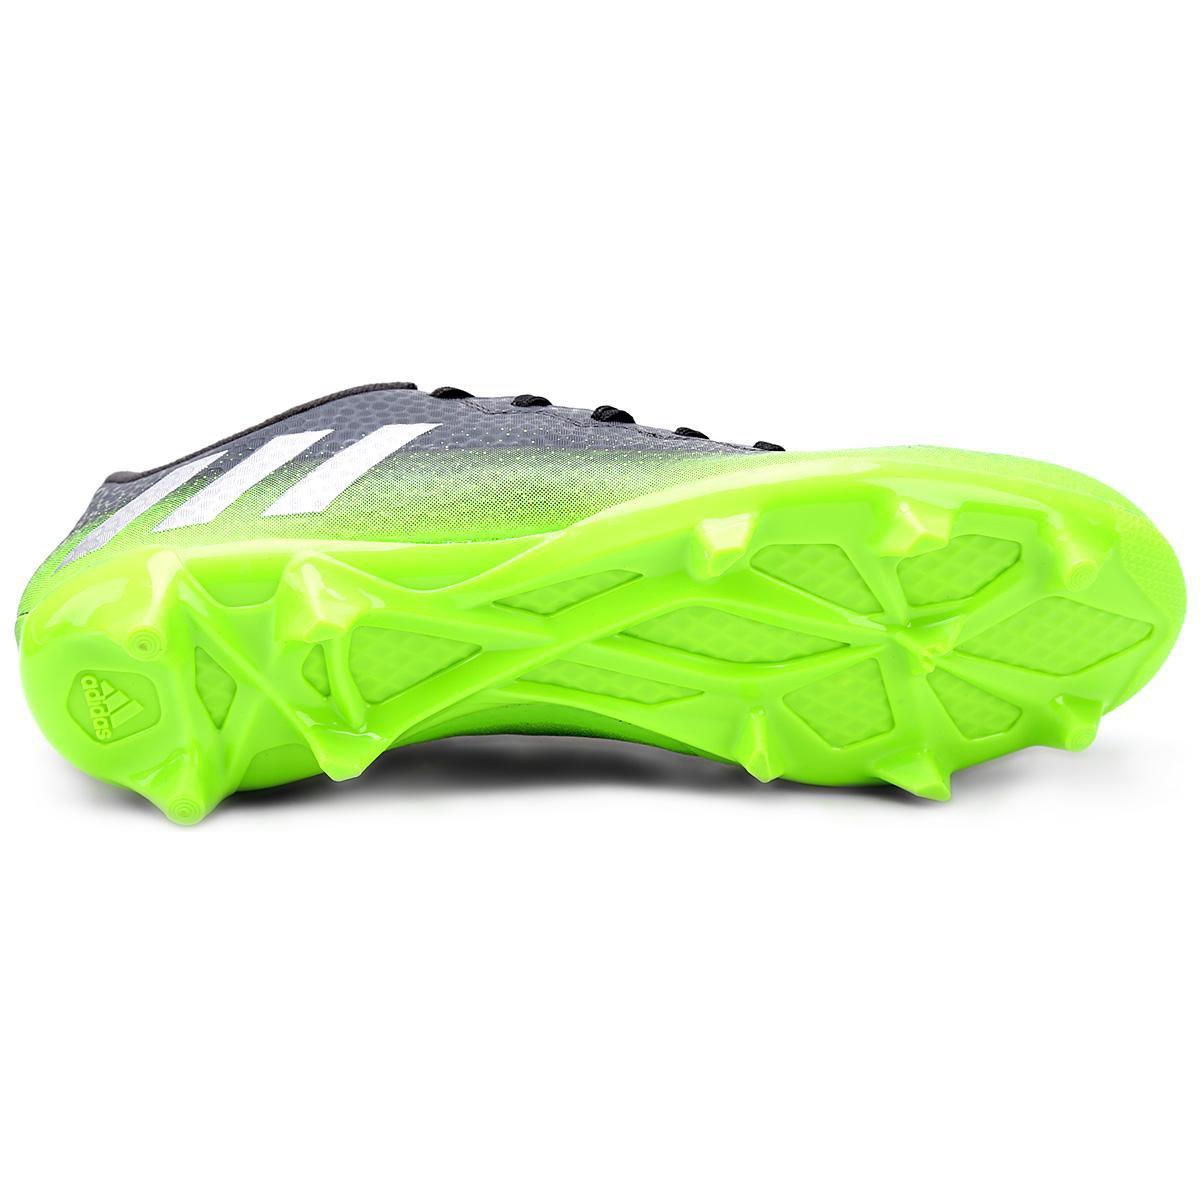 Chuteira Campo Adidas Messi 16.3 FG Masculina ... official supplier 669c3  ... e77d09a85bdfa